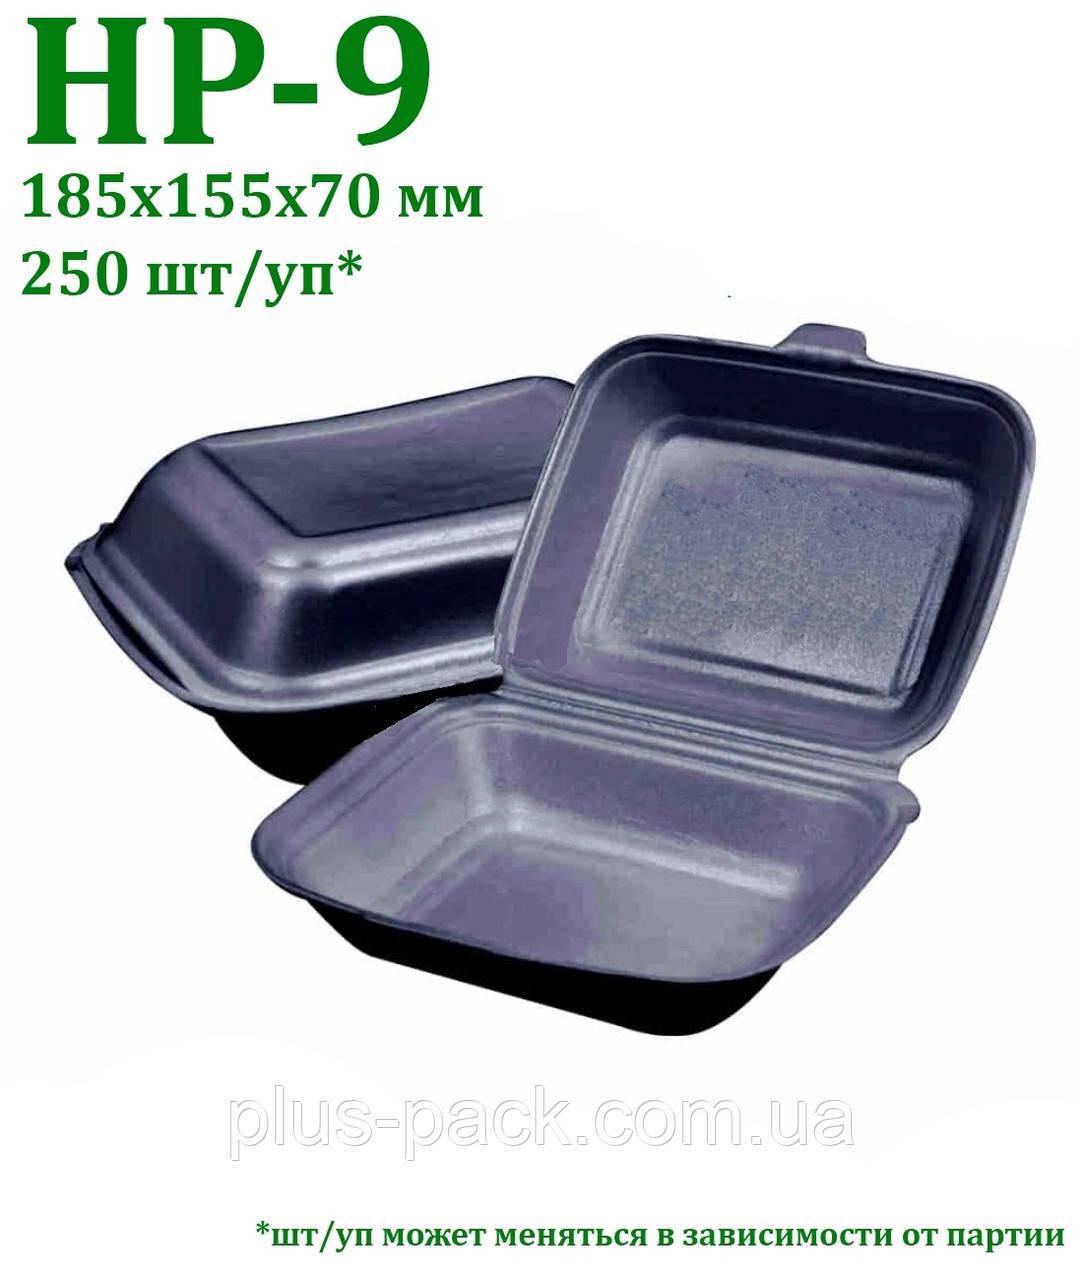 Одноразова упаковка ланч-бокс НВ-9 чорний